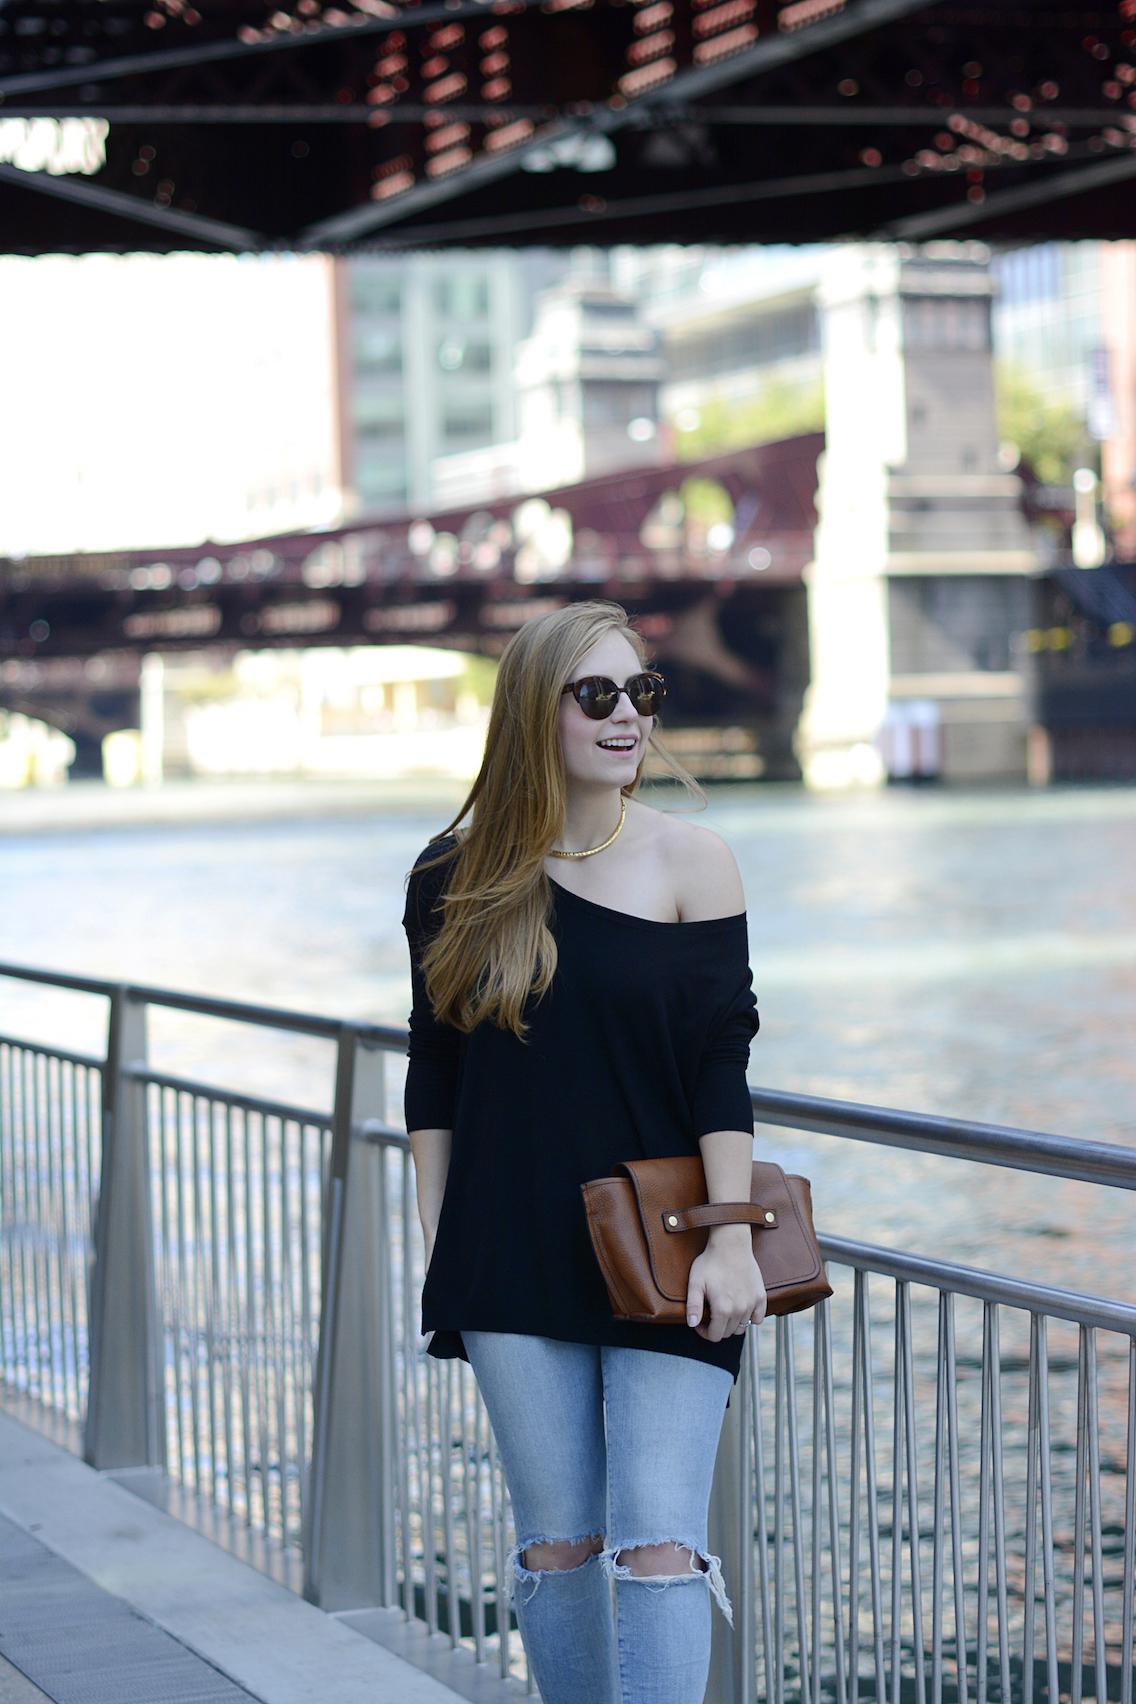 Zara J Brand Express YSL Rouge Volupte Nude Beige 9